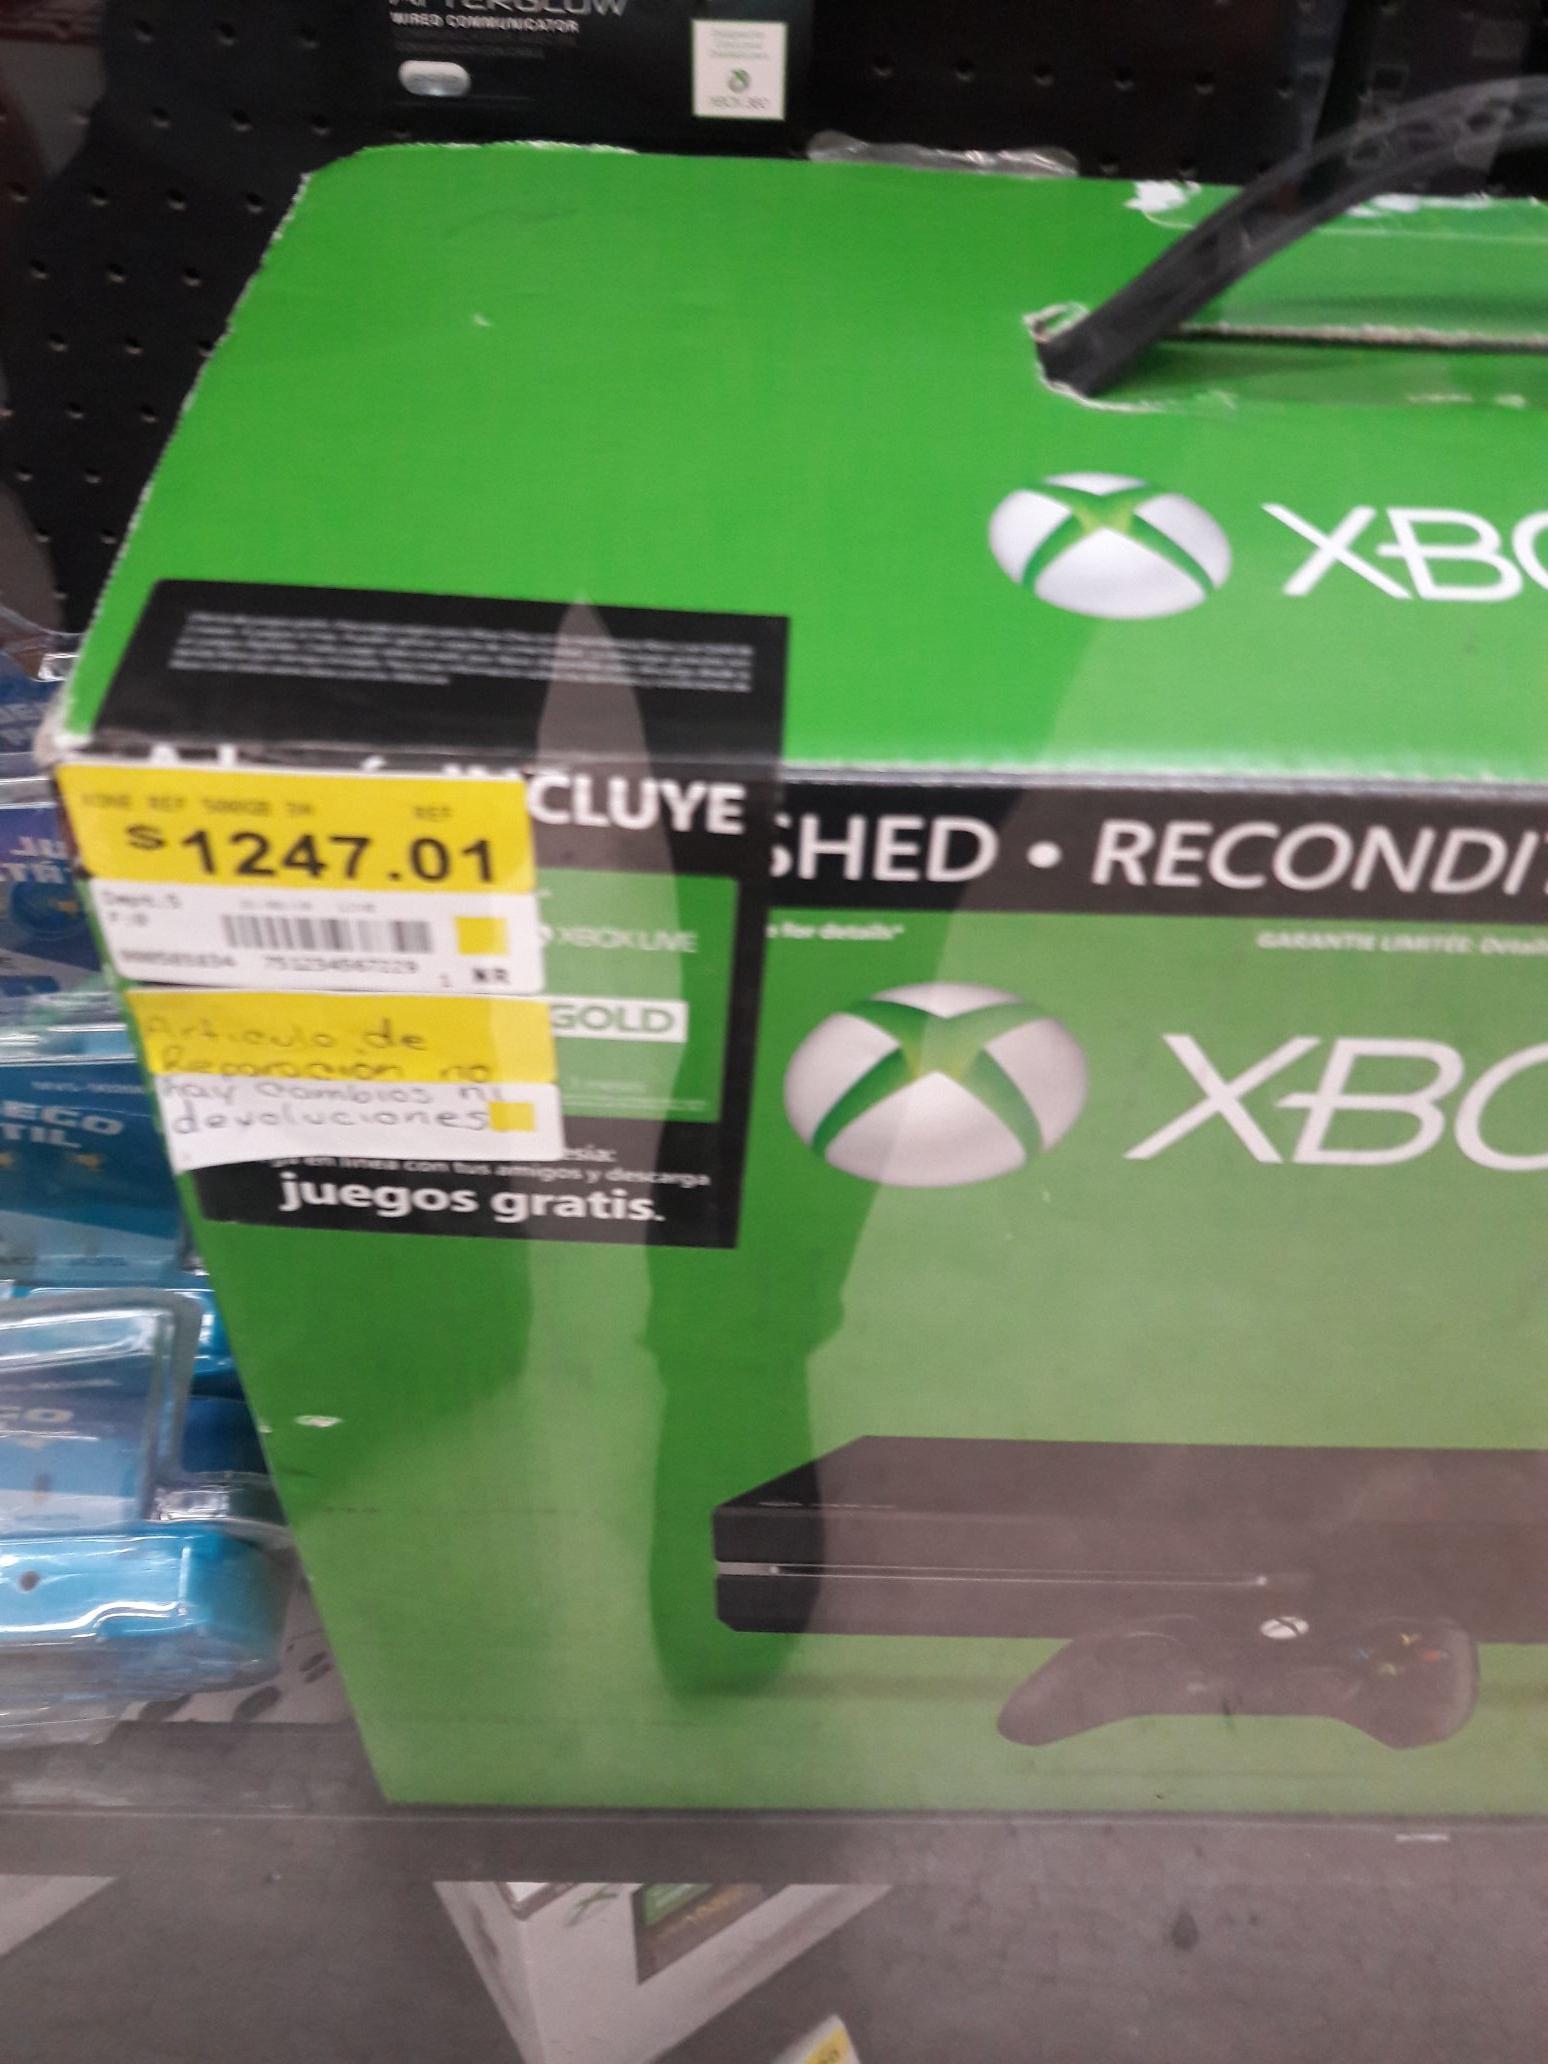 Bodega Aurrerá: Consola Xbox One REFUBISHED a $1,247.01